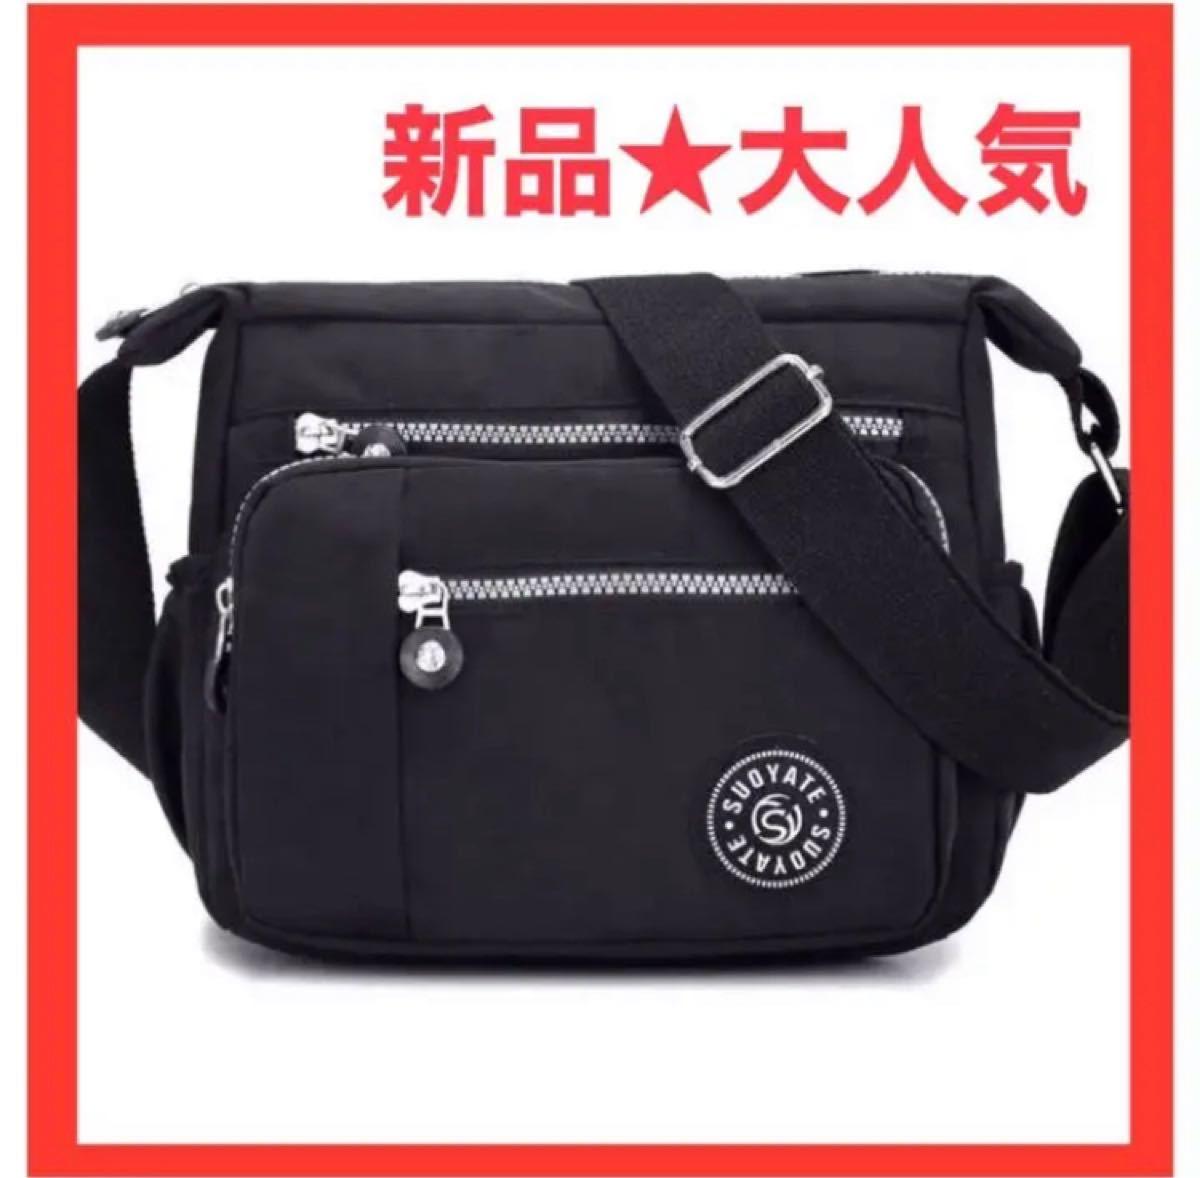 ショルダーバッグ 斜めがけ ボディーバッグ ブラック レディースバッグ 黒  斜めがけバッグ 軽量  トラベルバッグ